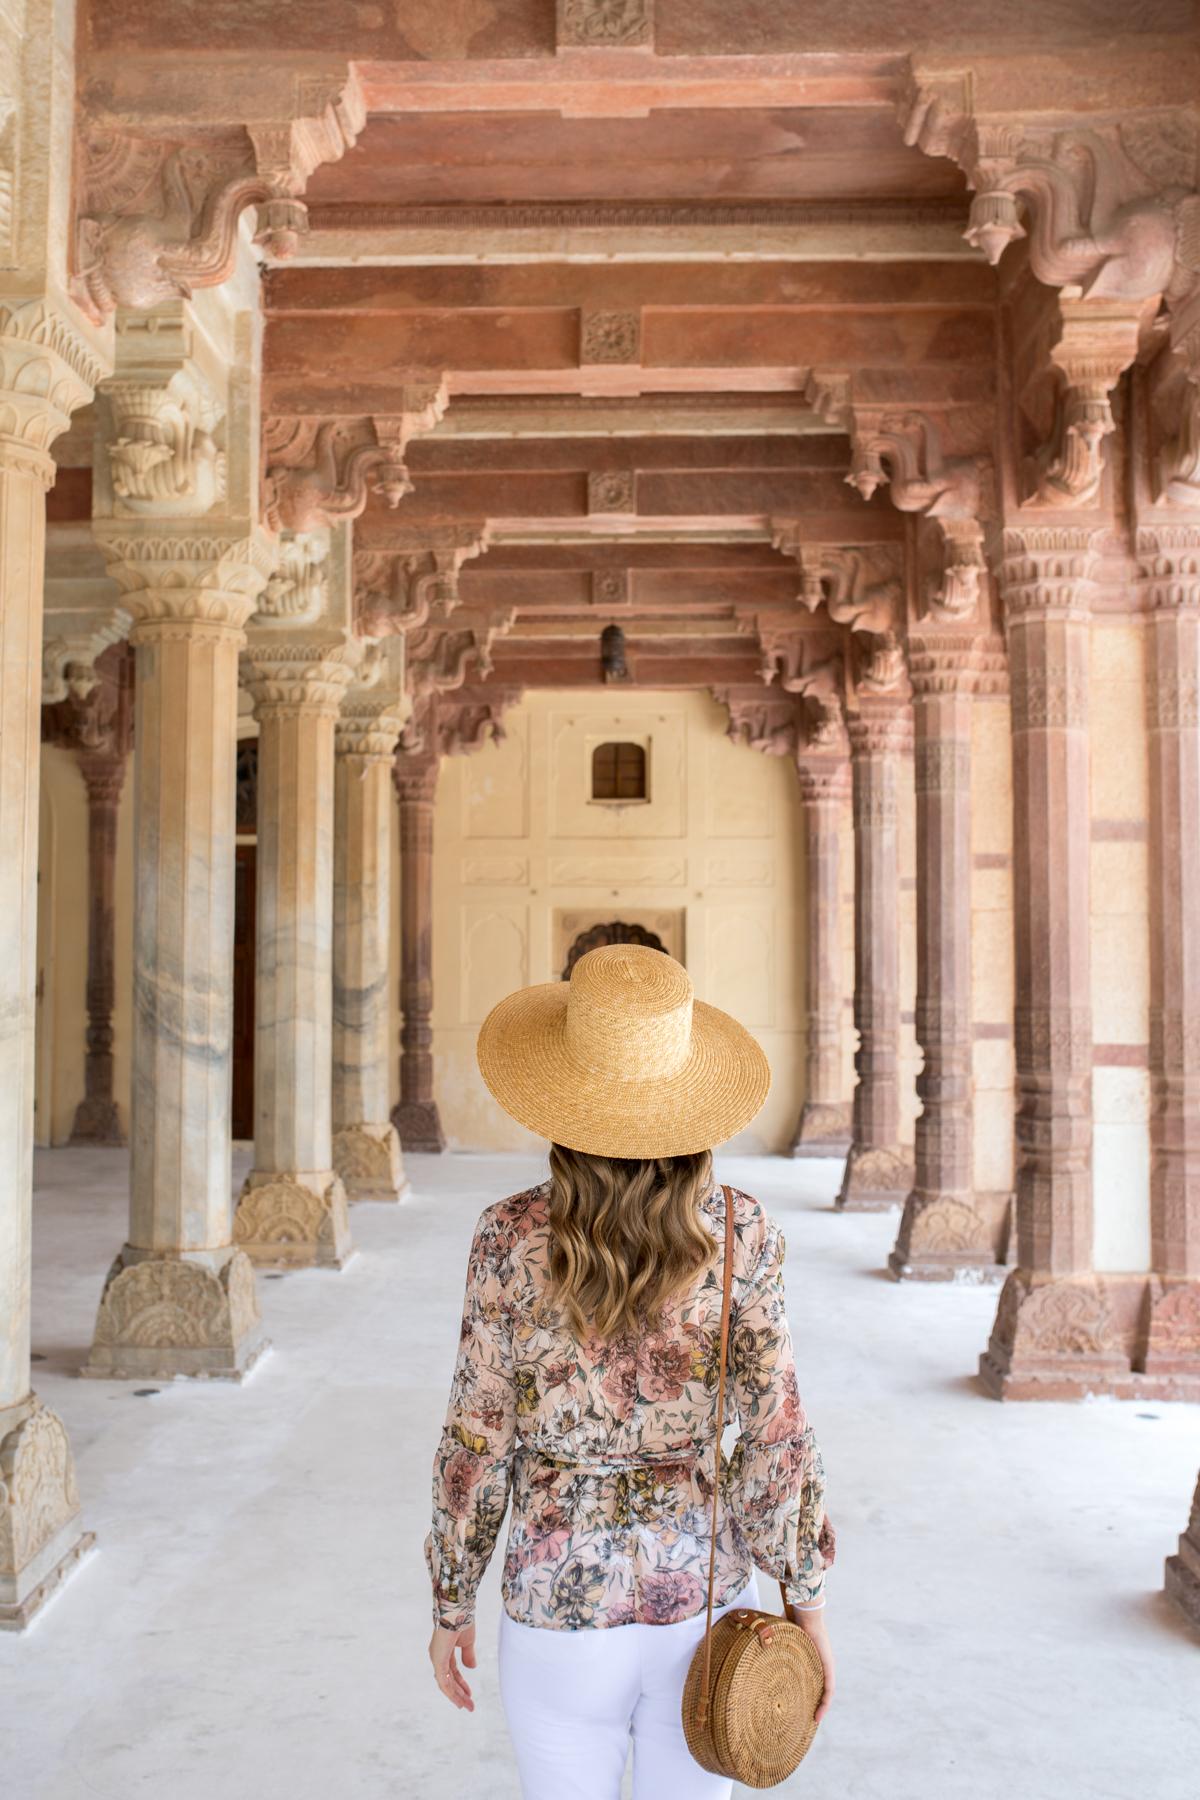 Stacie Flinner City Palace Jaipur 10 Best -74.jpg